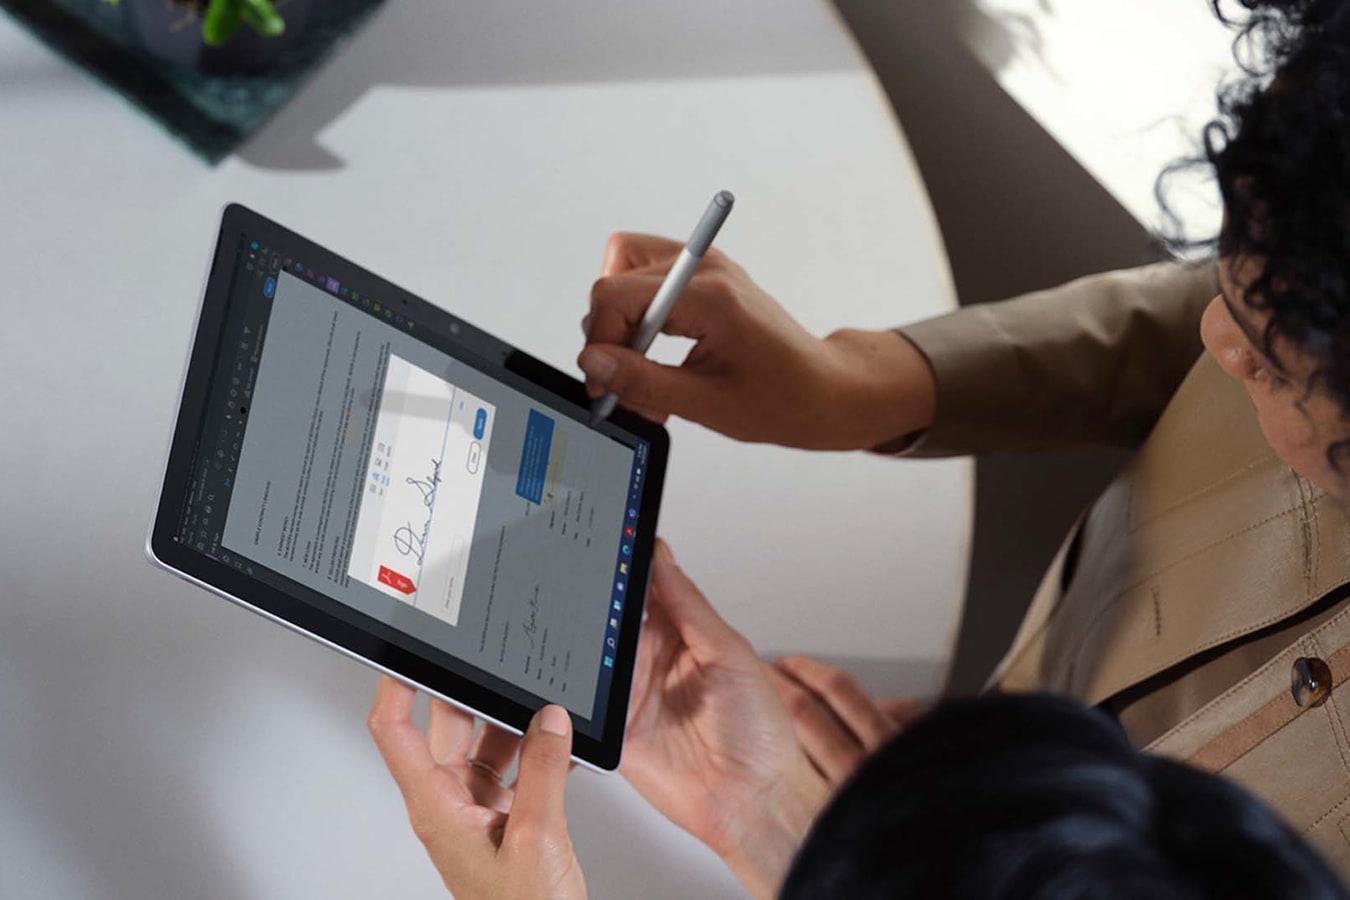 Ylhäältä otettu kuva kahdesta työtoverista, jotka tarkastelevat yhdessä asiakirjaa Surface Go 3 -laitteella